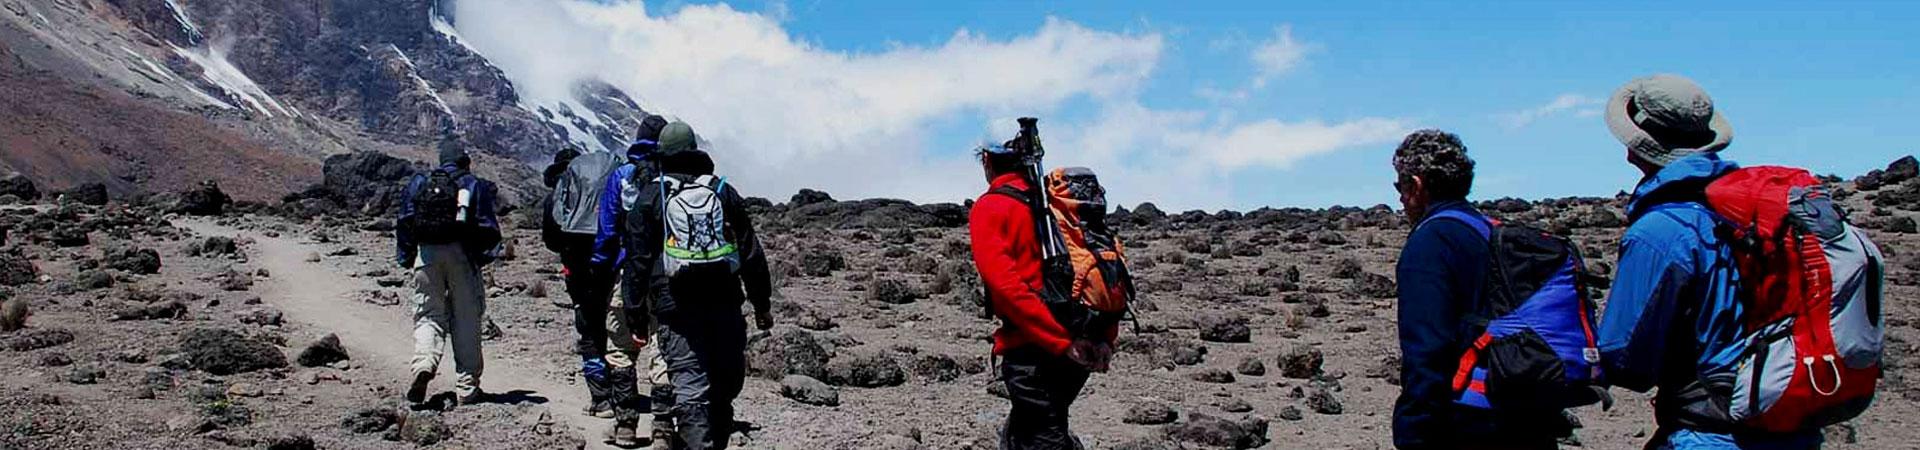 Climbing-Mount-Kilimanjaro.